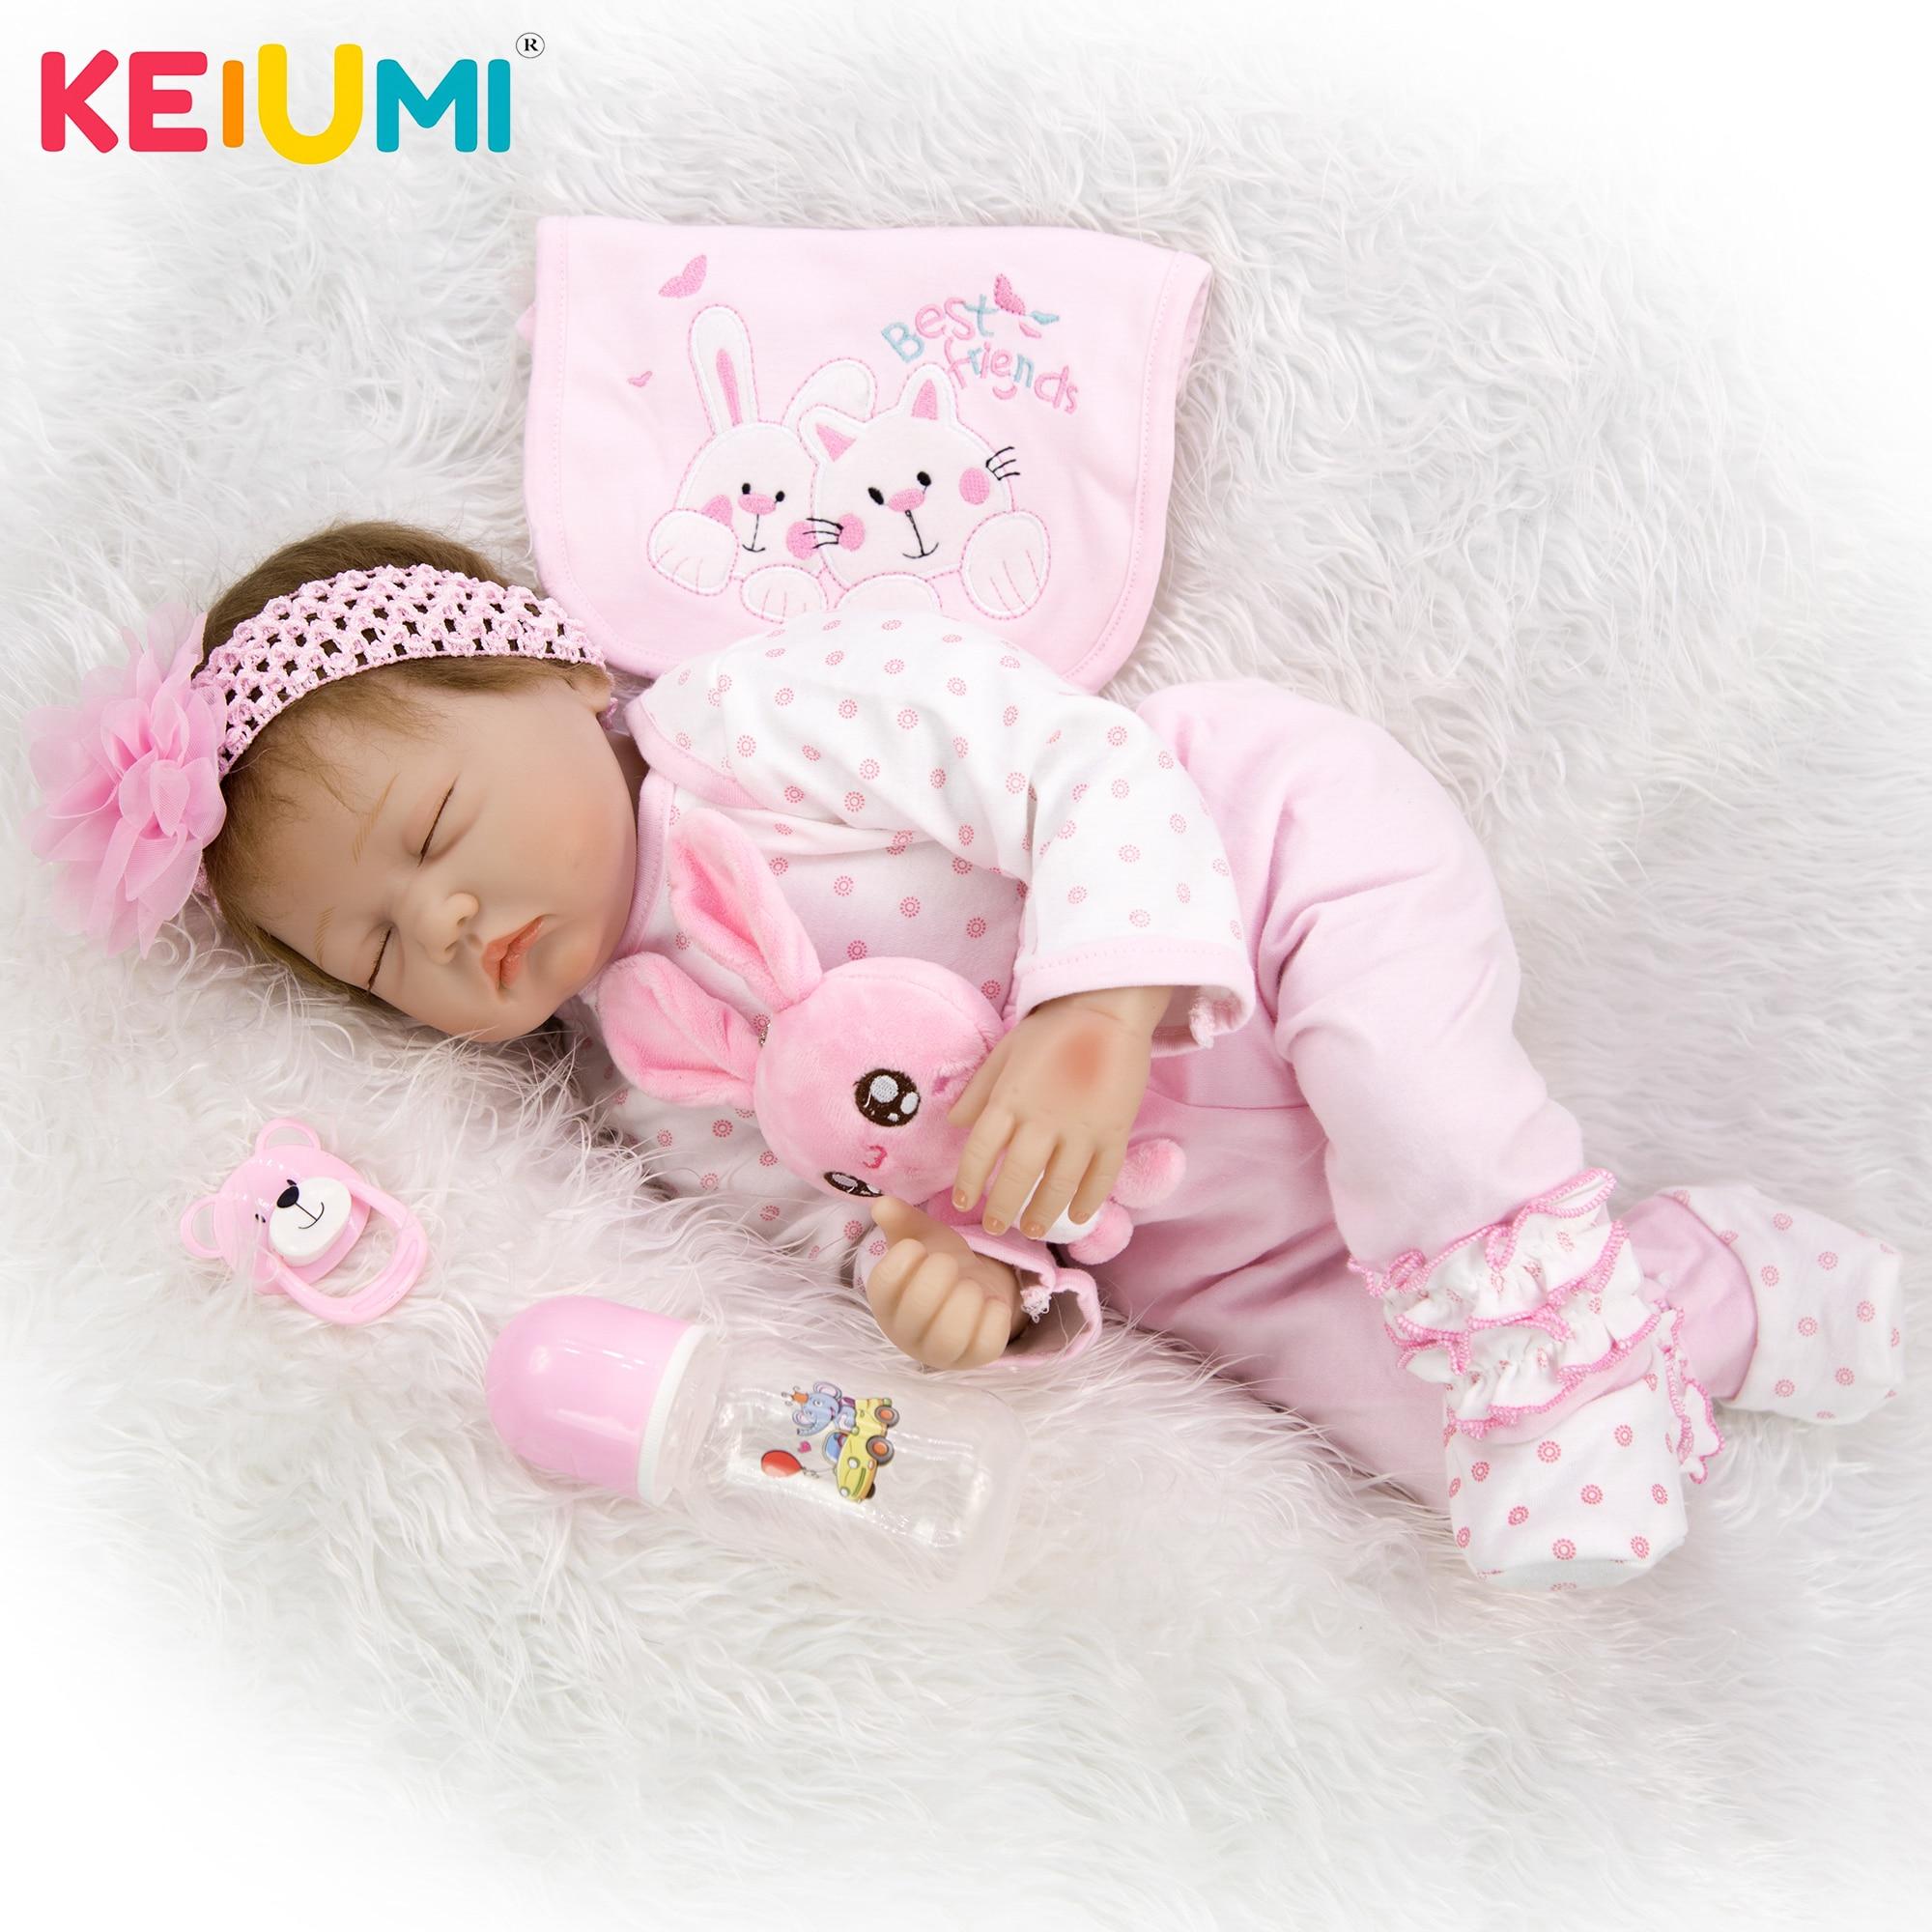 Oyuncaklar ve Hobi Ürünleri'ten Bebekler'de KEIUMI 22 Inç Gerçekçi Uyku Yumuşak Silikon Yeniden Doğmuş Bebek Bebek Çocuk Oyun Arkadaşı Hediye Canlı Yumuşak Oyuncaklar Buketleri Bebek Bebek Reborn oyuncaklar'da  Grup 1